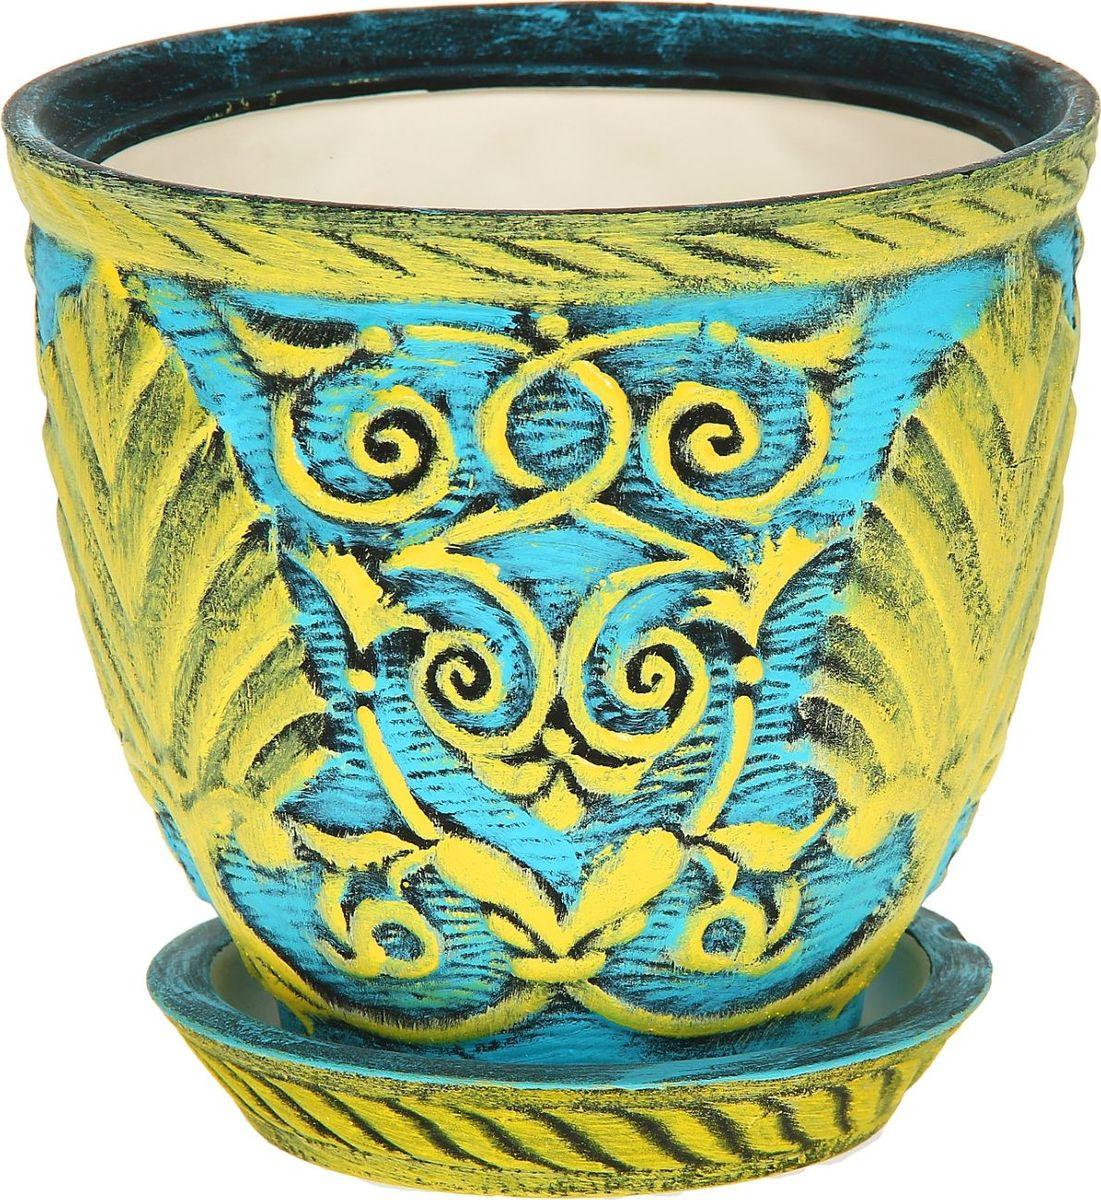 Кашпо Керамика ручной работы Славянское, цвет: желтый, голубой, 2,6 л1114319Комнатные растения - всеобщие любимцы. Они радуют глаз, насыщают помещение кислородом и украшают пространство. Каждому из них необходим свой удобный и красивый дом. Кашпо из керамики прекрасно подходят для высадки растений: за счет пластичности глины и разных способов обработки существует великое множество форм и дизайнов. Пористый материал позволяет испаряться лишней влаге. Воздух, необходимый для дыхания корней, проникает сквозь керамические стенки.